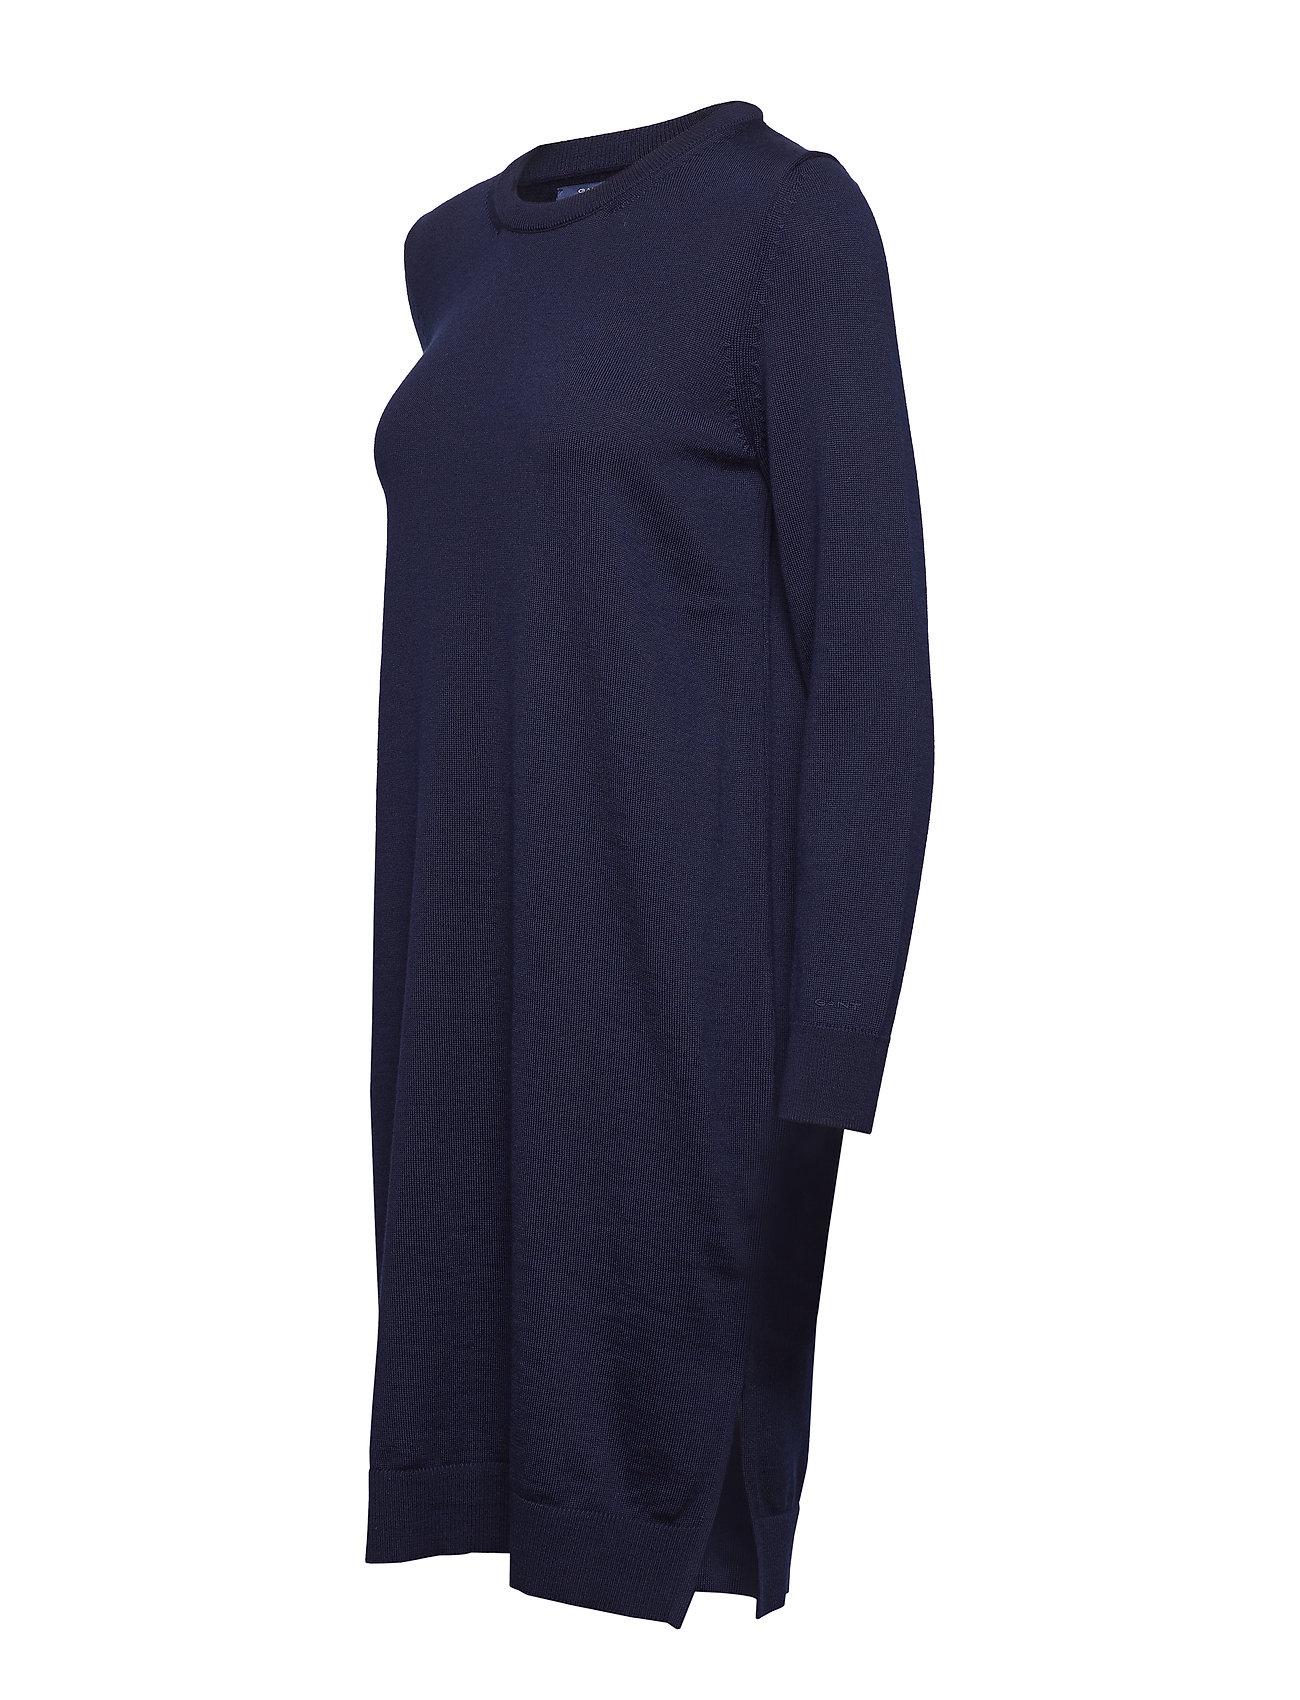 Wool D1Merino Wool Dressevening BlueGant D1Merino F1TJc3lK